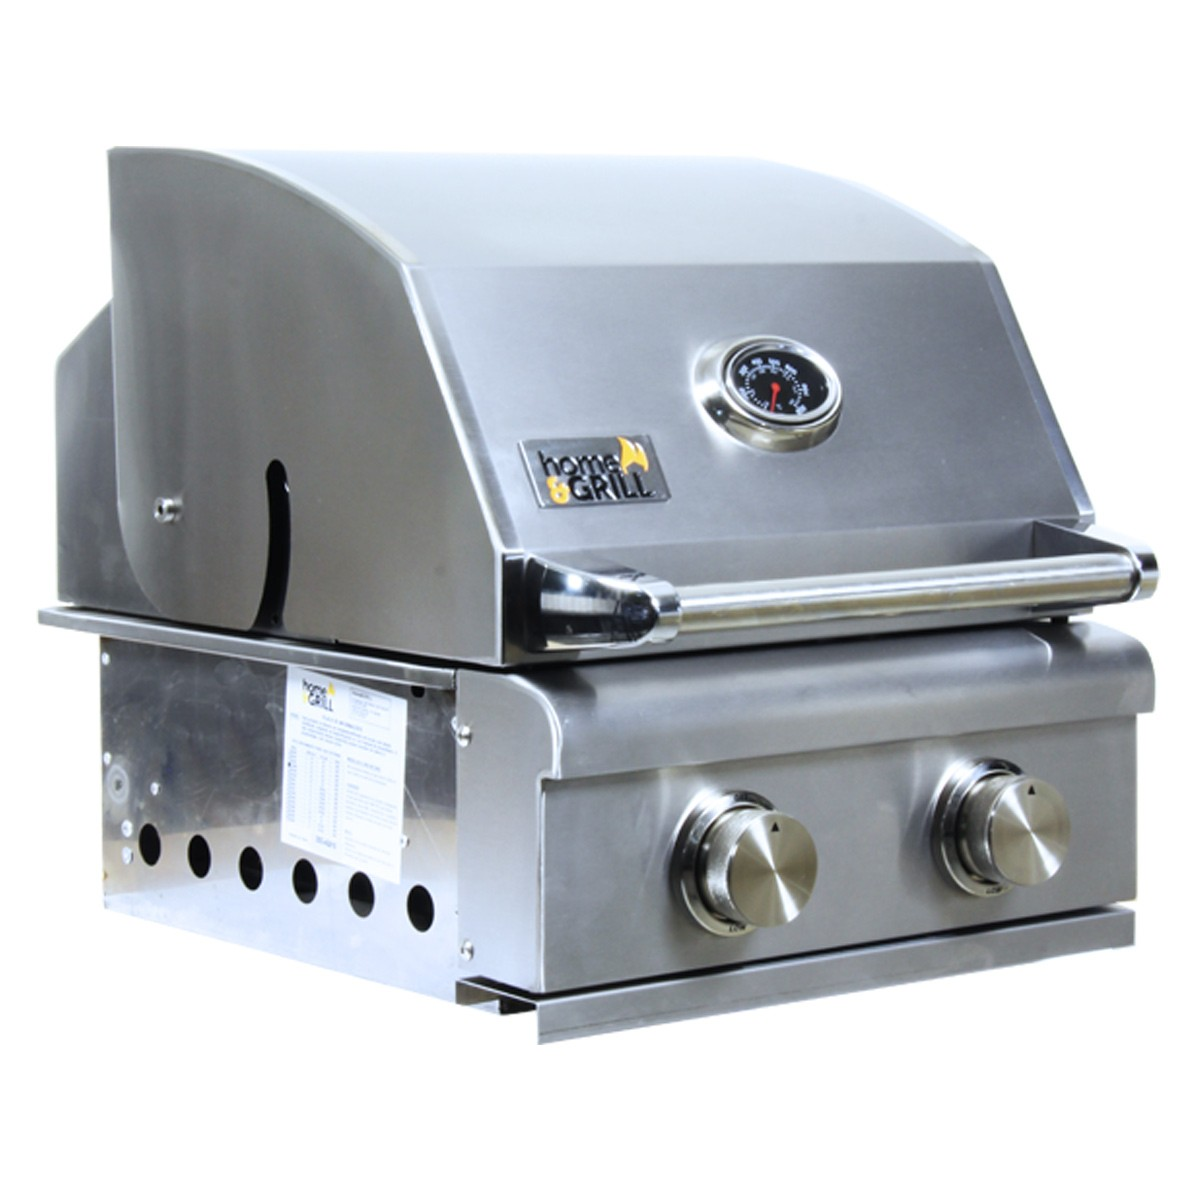 PROMOÇÃO Churrasqueira a Gás Home e Grill Smart HG-2BS - 2 Queimadores - 100% Inox 304 + BRINDES